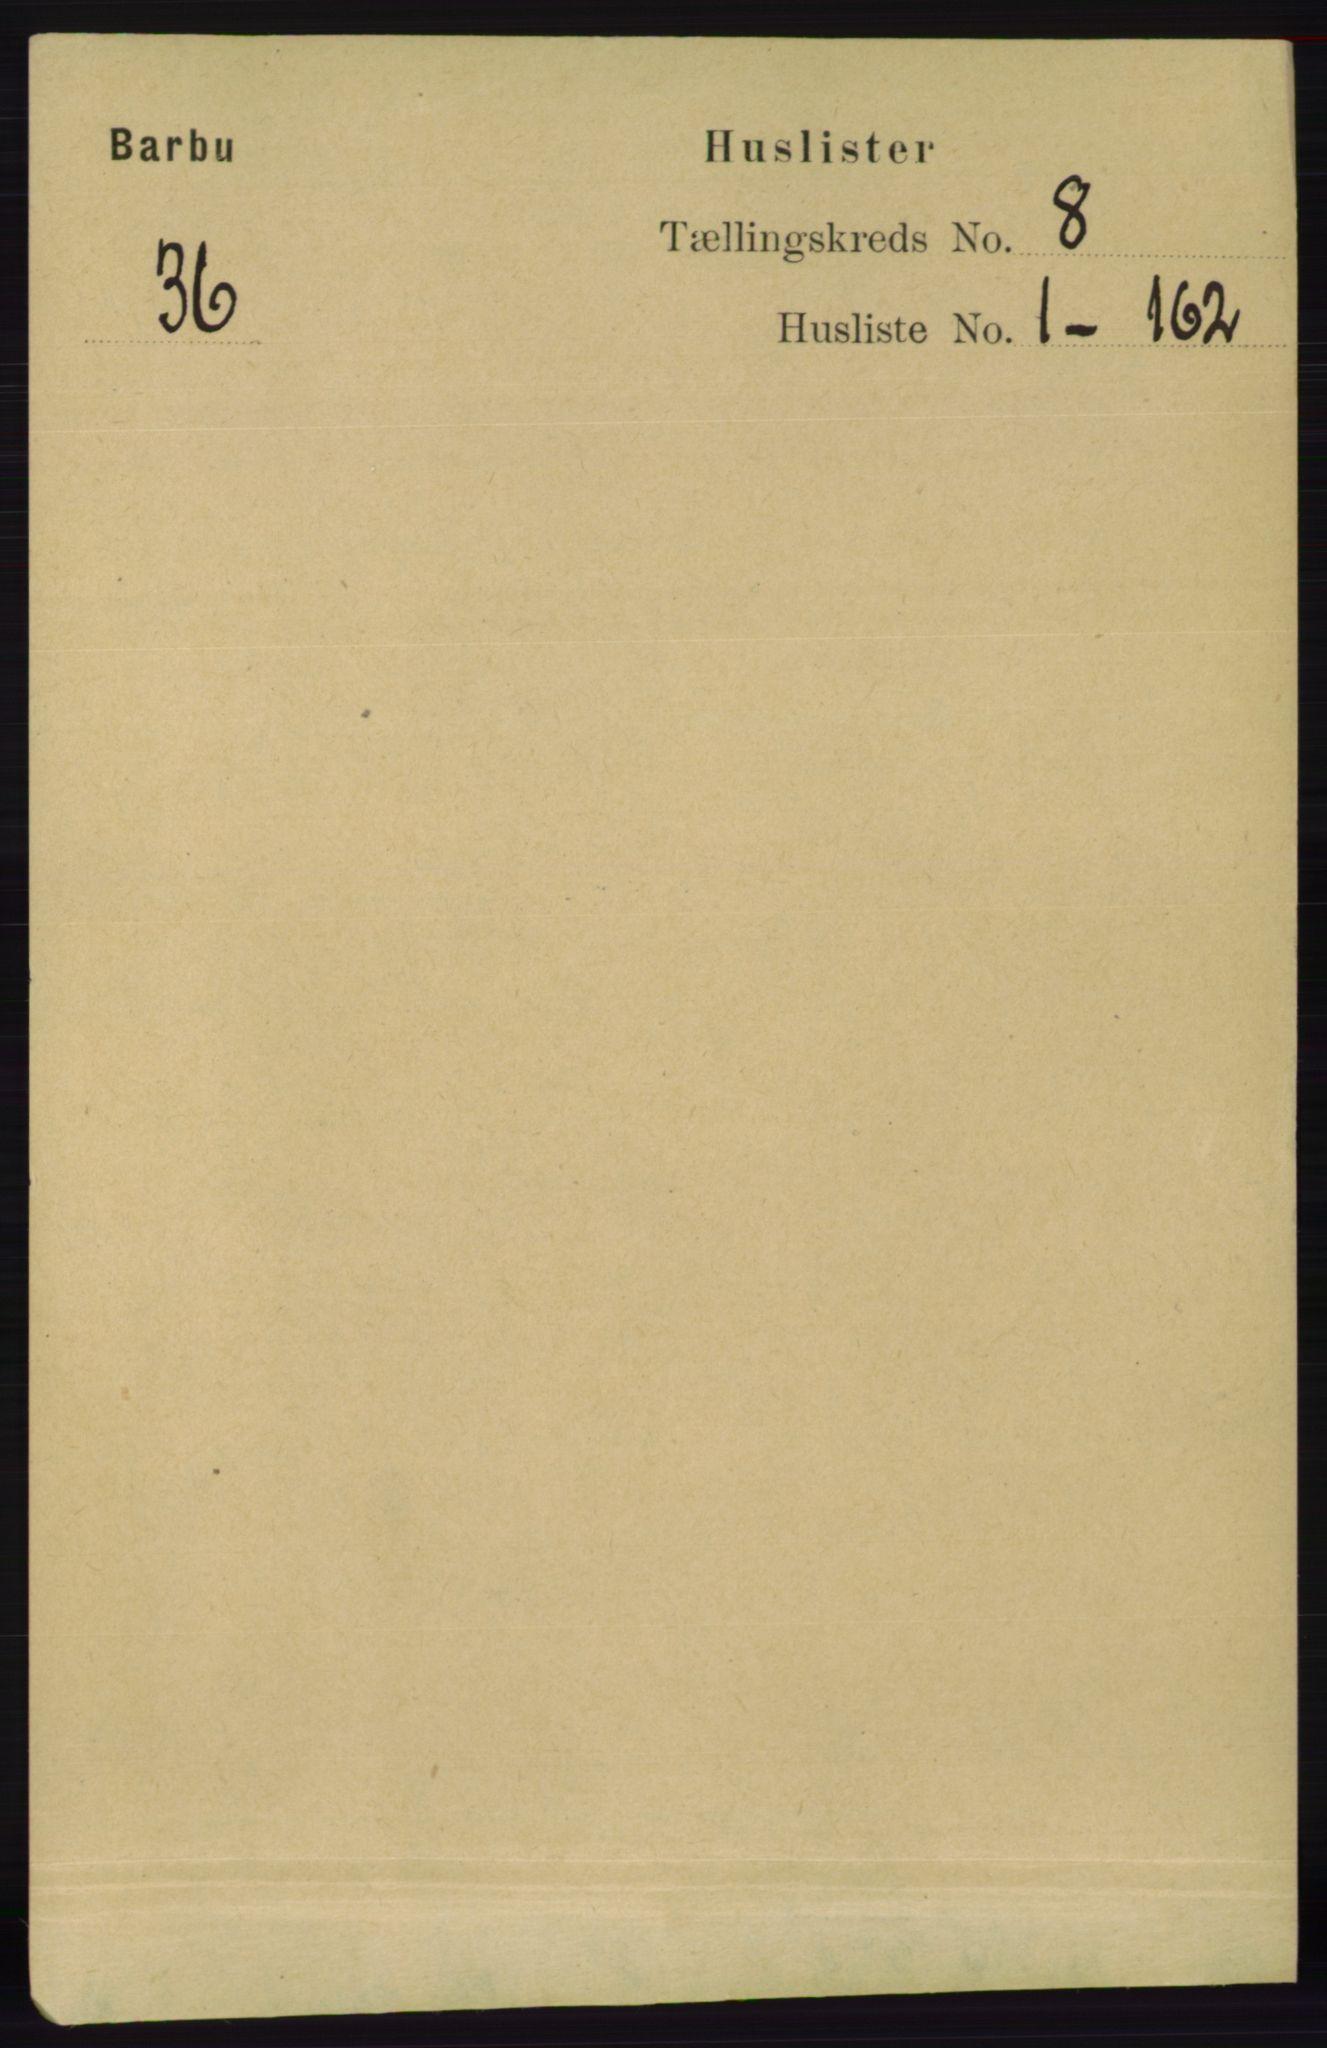 RA, Folketelling 1891 for 0990 Barbu herred, 1891, s. 5769